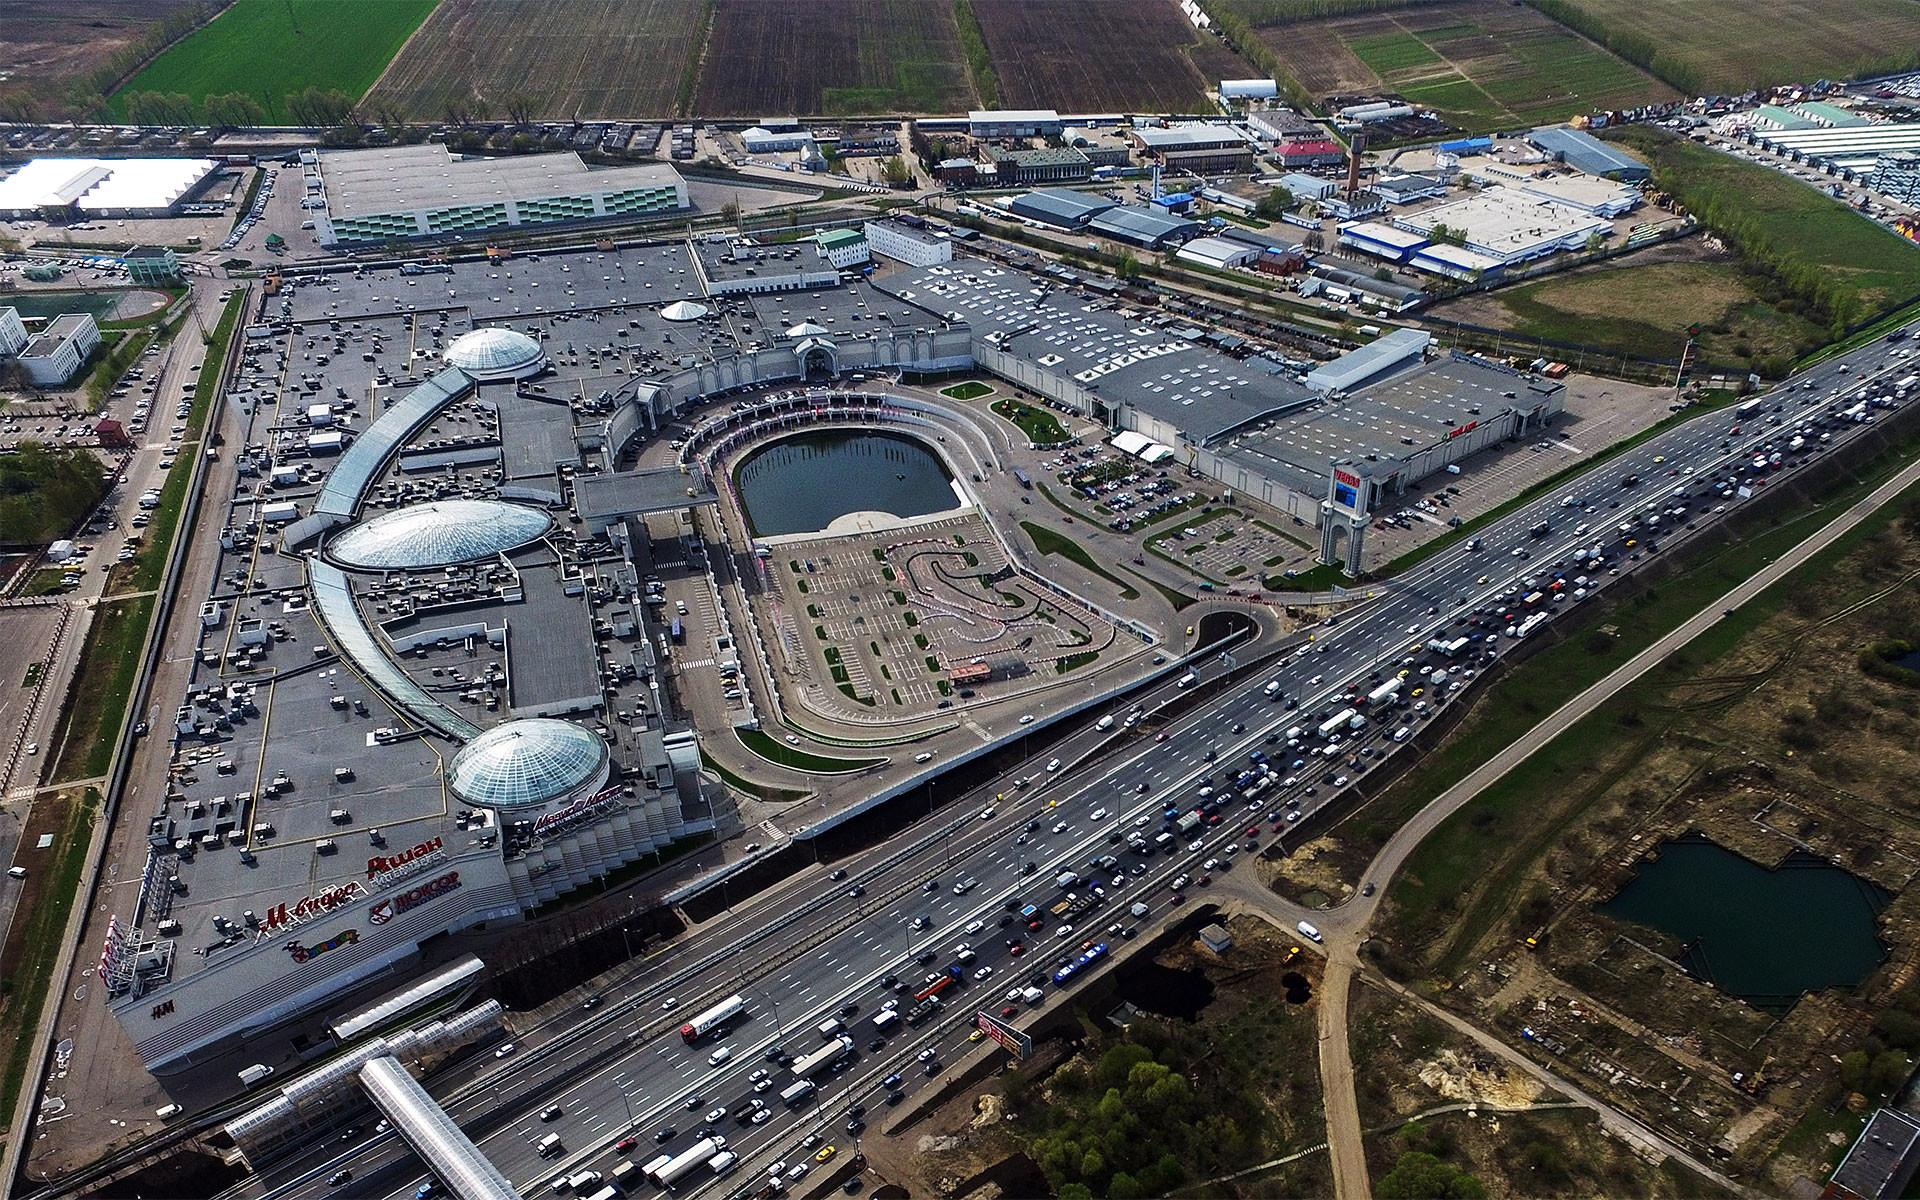 """Торговый центр """"Вегас"""" на пересечении МКАД и Каширского шоссе. Фото: ©РИА Новости/Григорий Сысоев"""